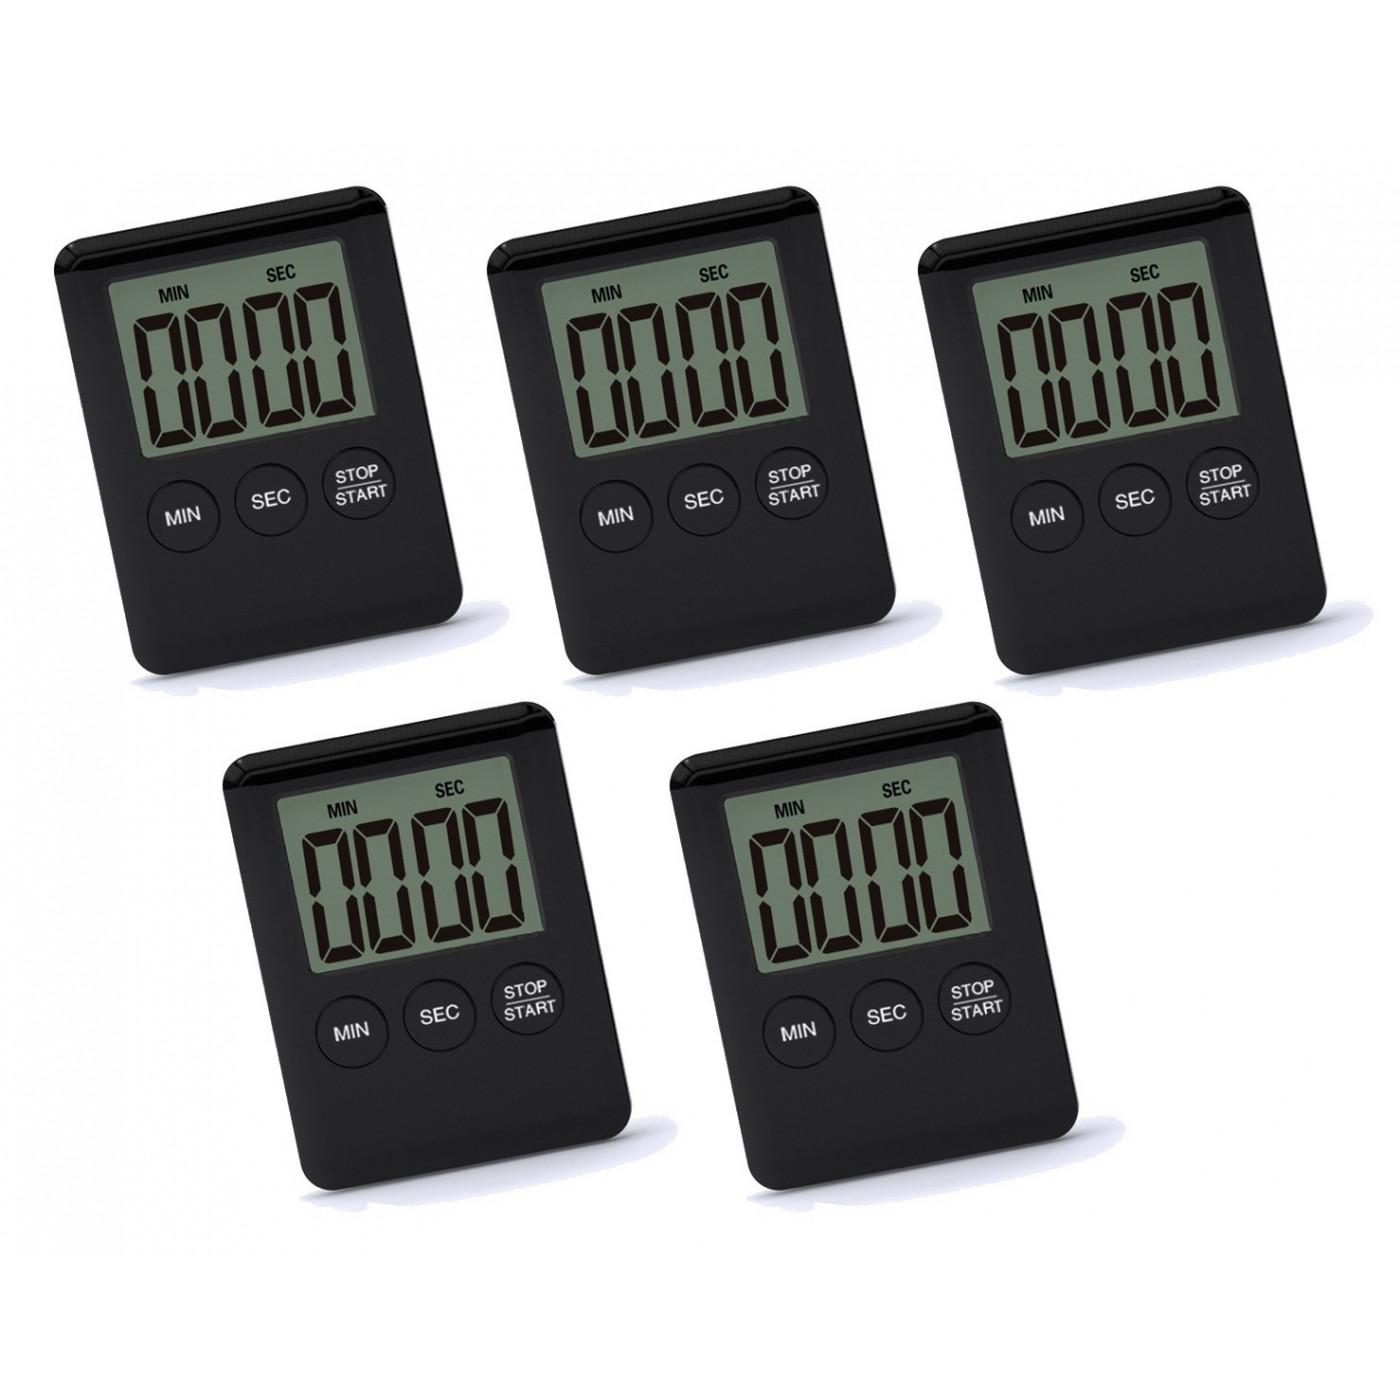 Conjunto de 5 temporizadores digitais, despertadores, pretos  - 1